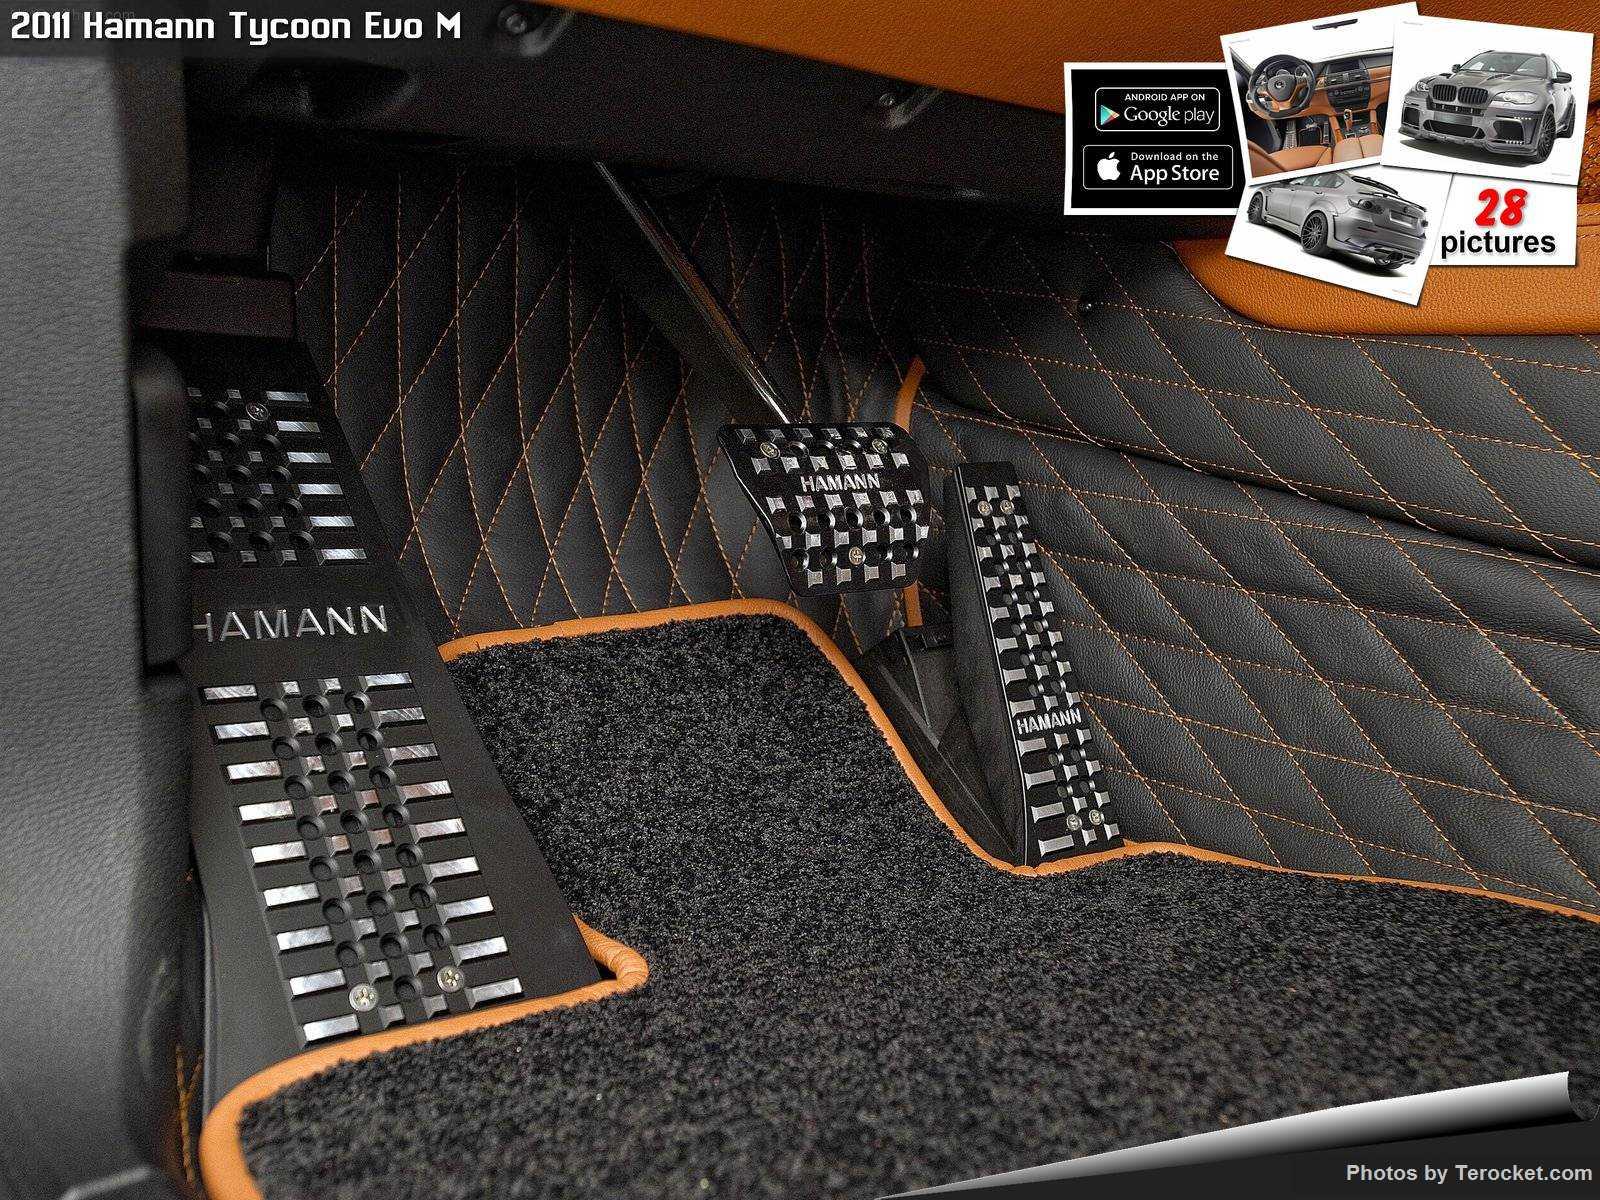 Hình ảnh xe ô tô Hamann Tycoon Evo M 2011 & nội ngoại thất